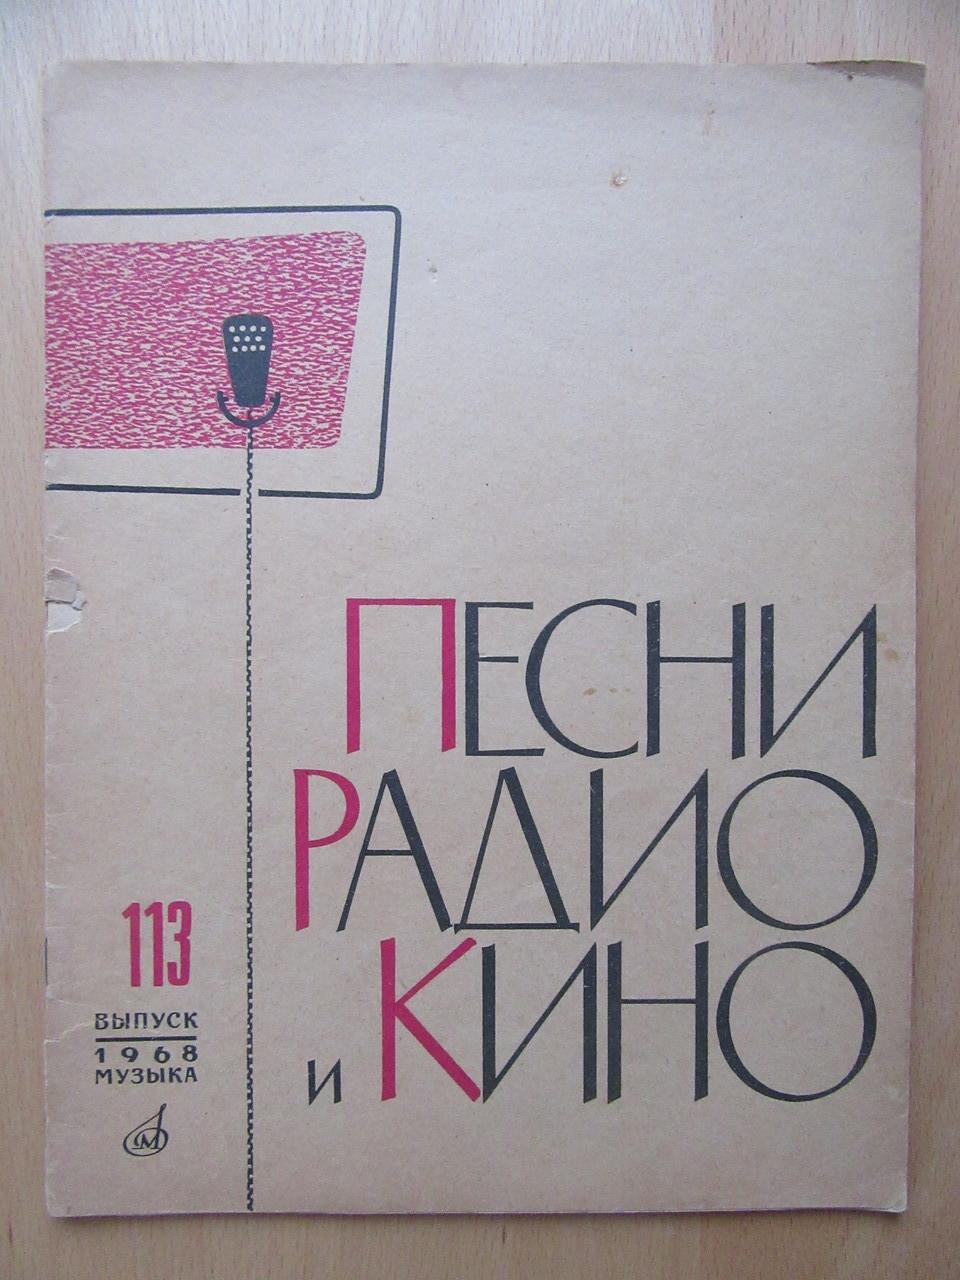 Пісні радіо і кіно. 1968р